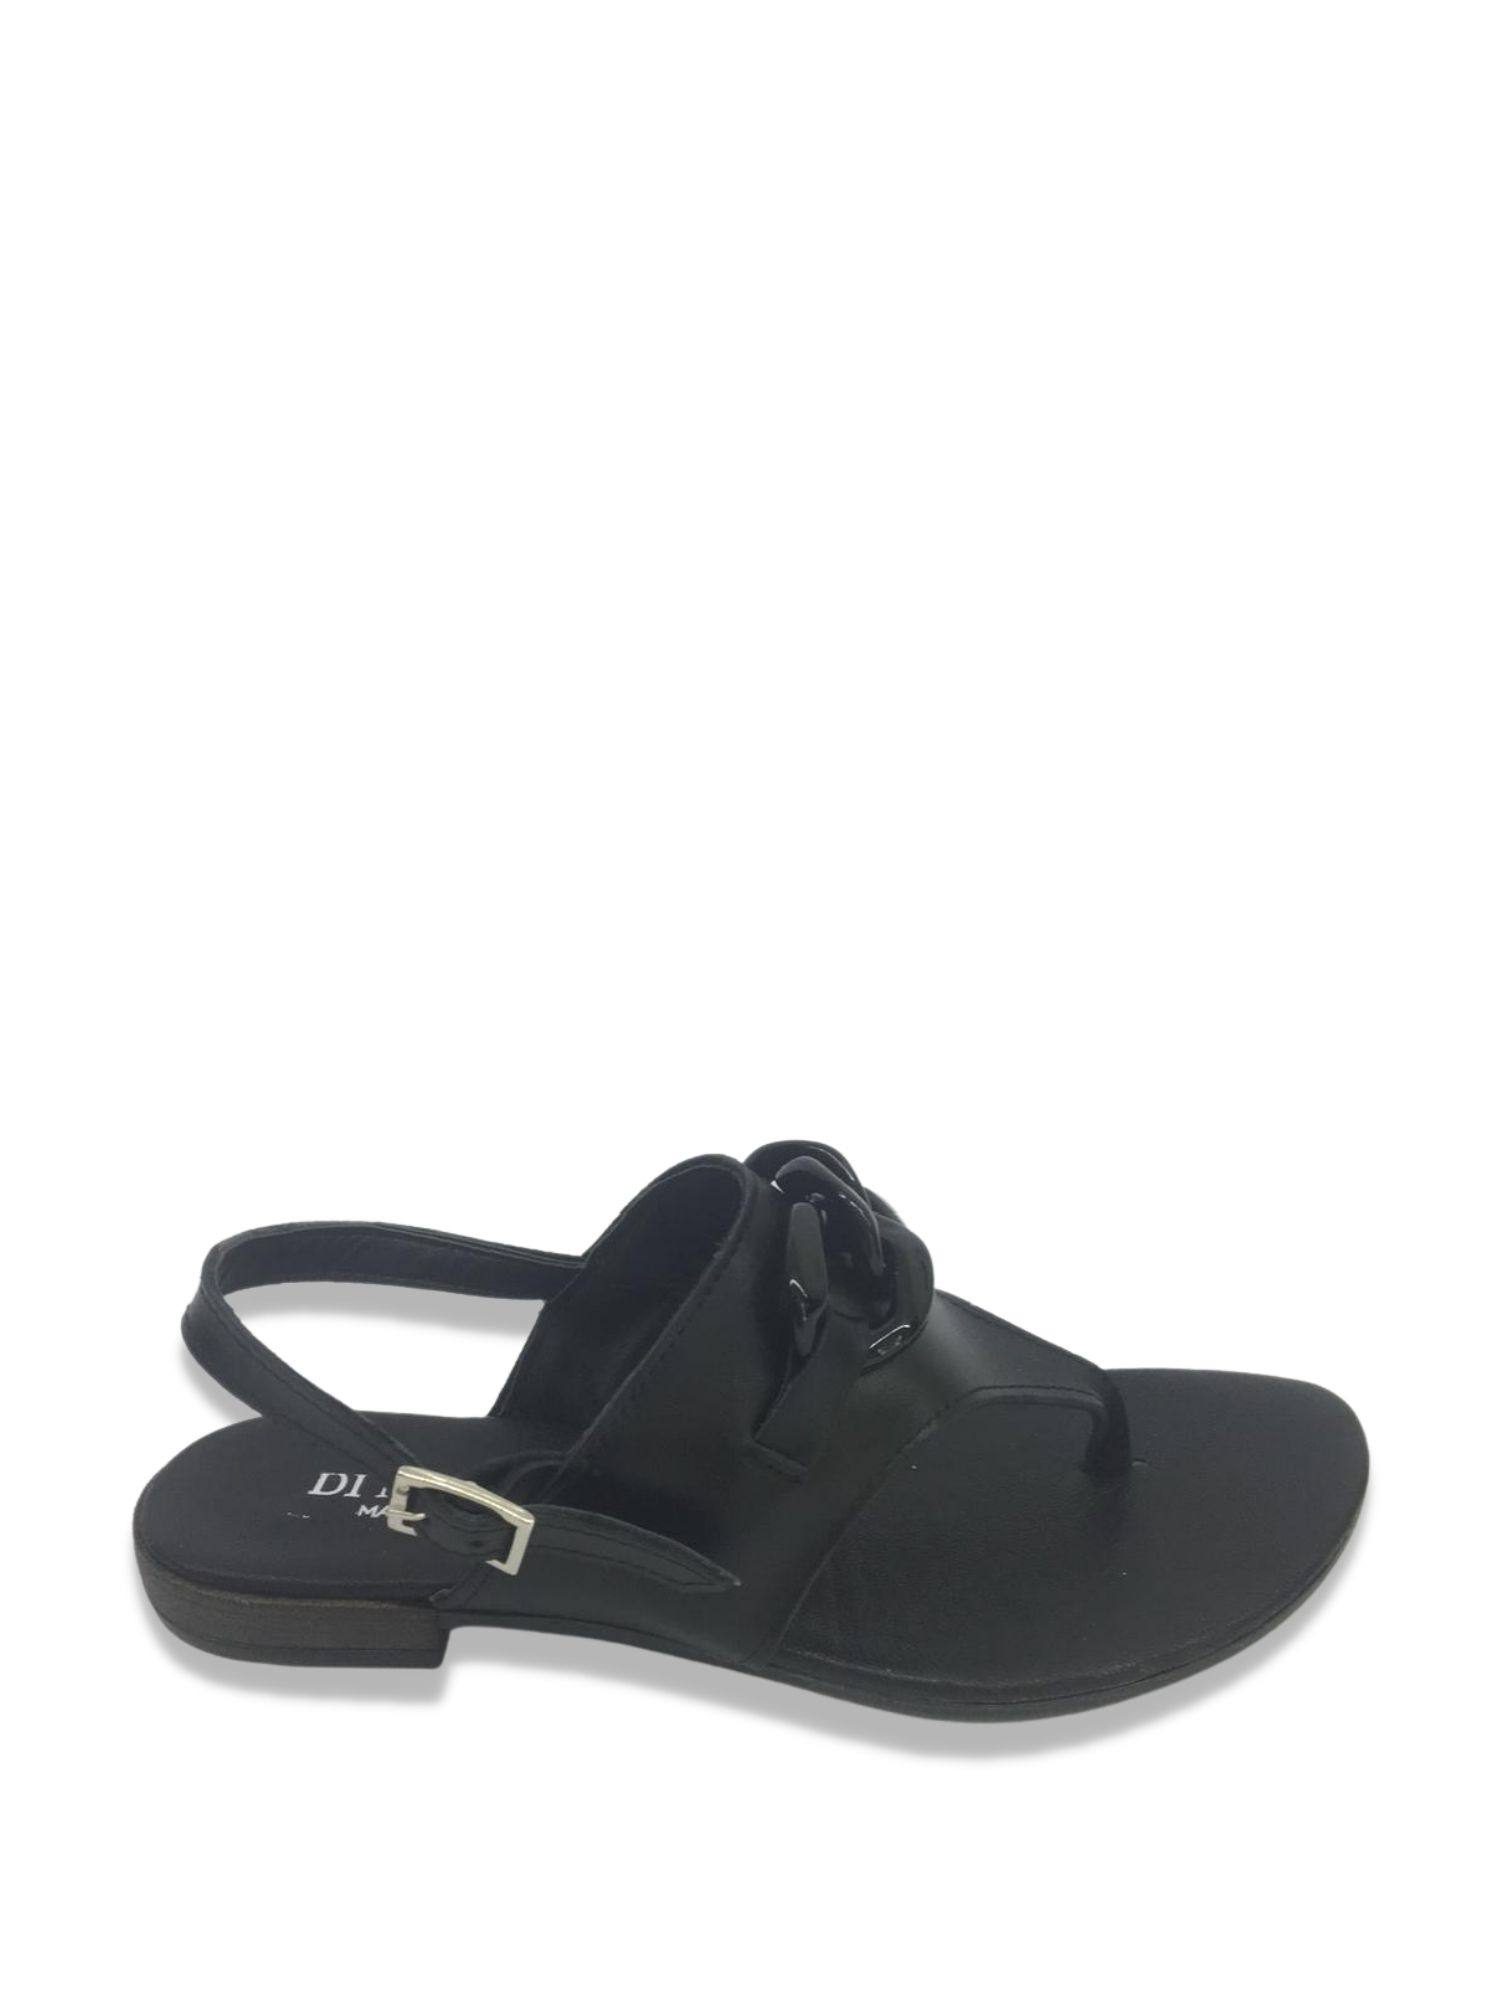 Sandalo infradito Made in Italy 203 Nero